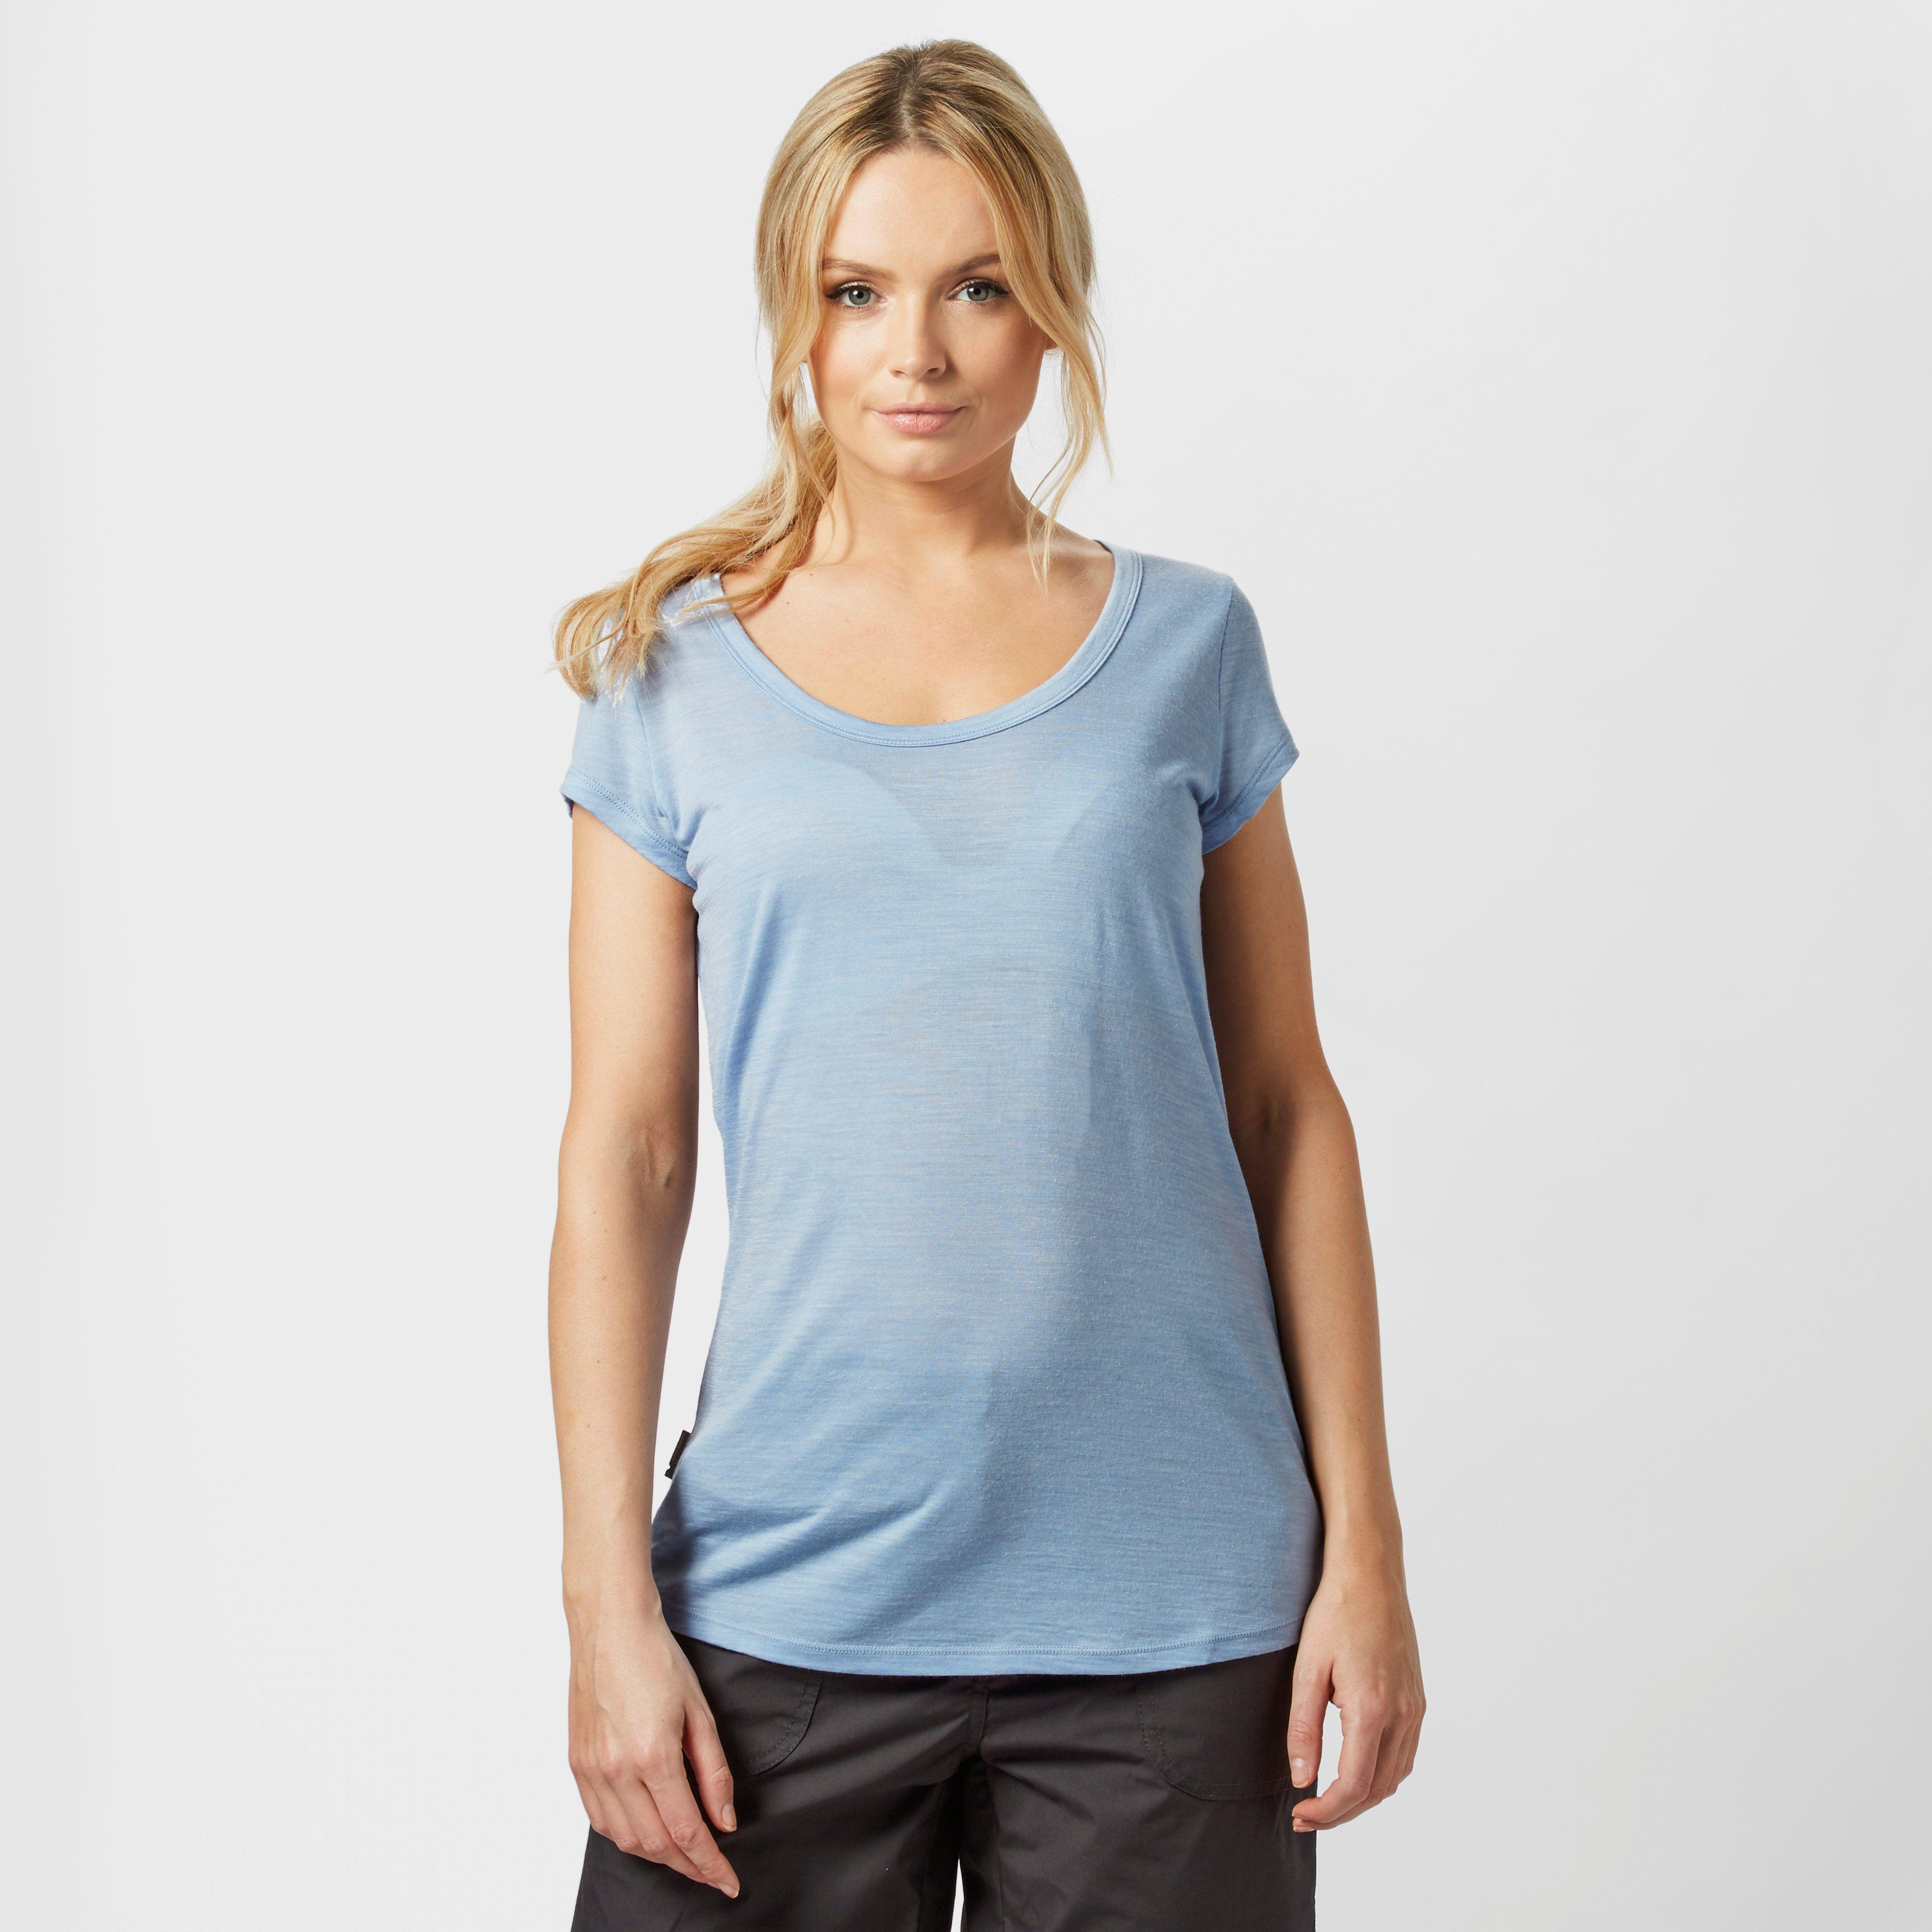 ICEBREAKER Women's Cool-Lite Spheria Short Sleeve T-Shirt